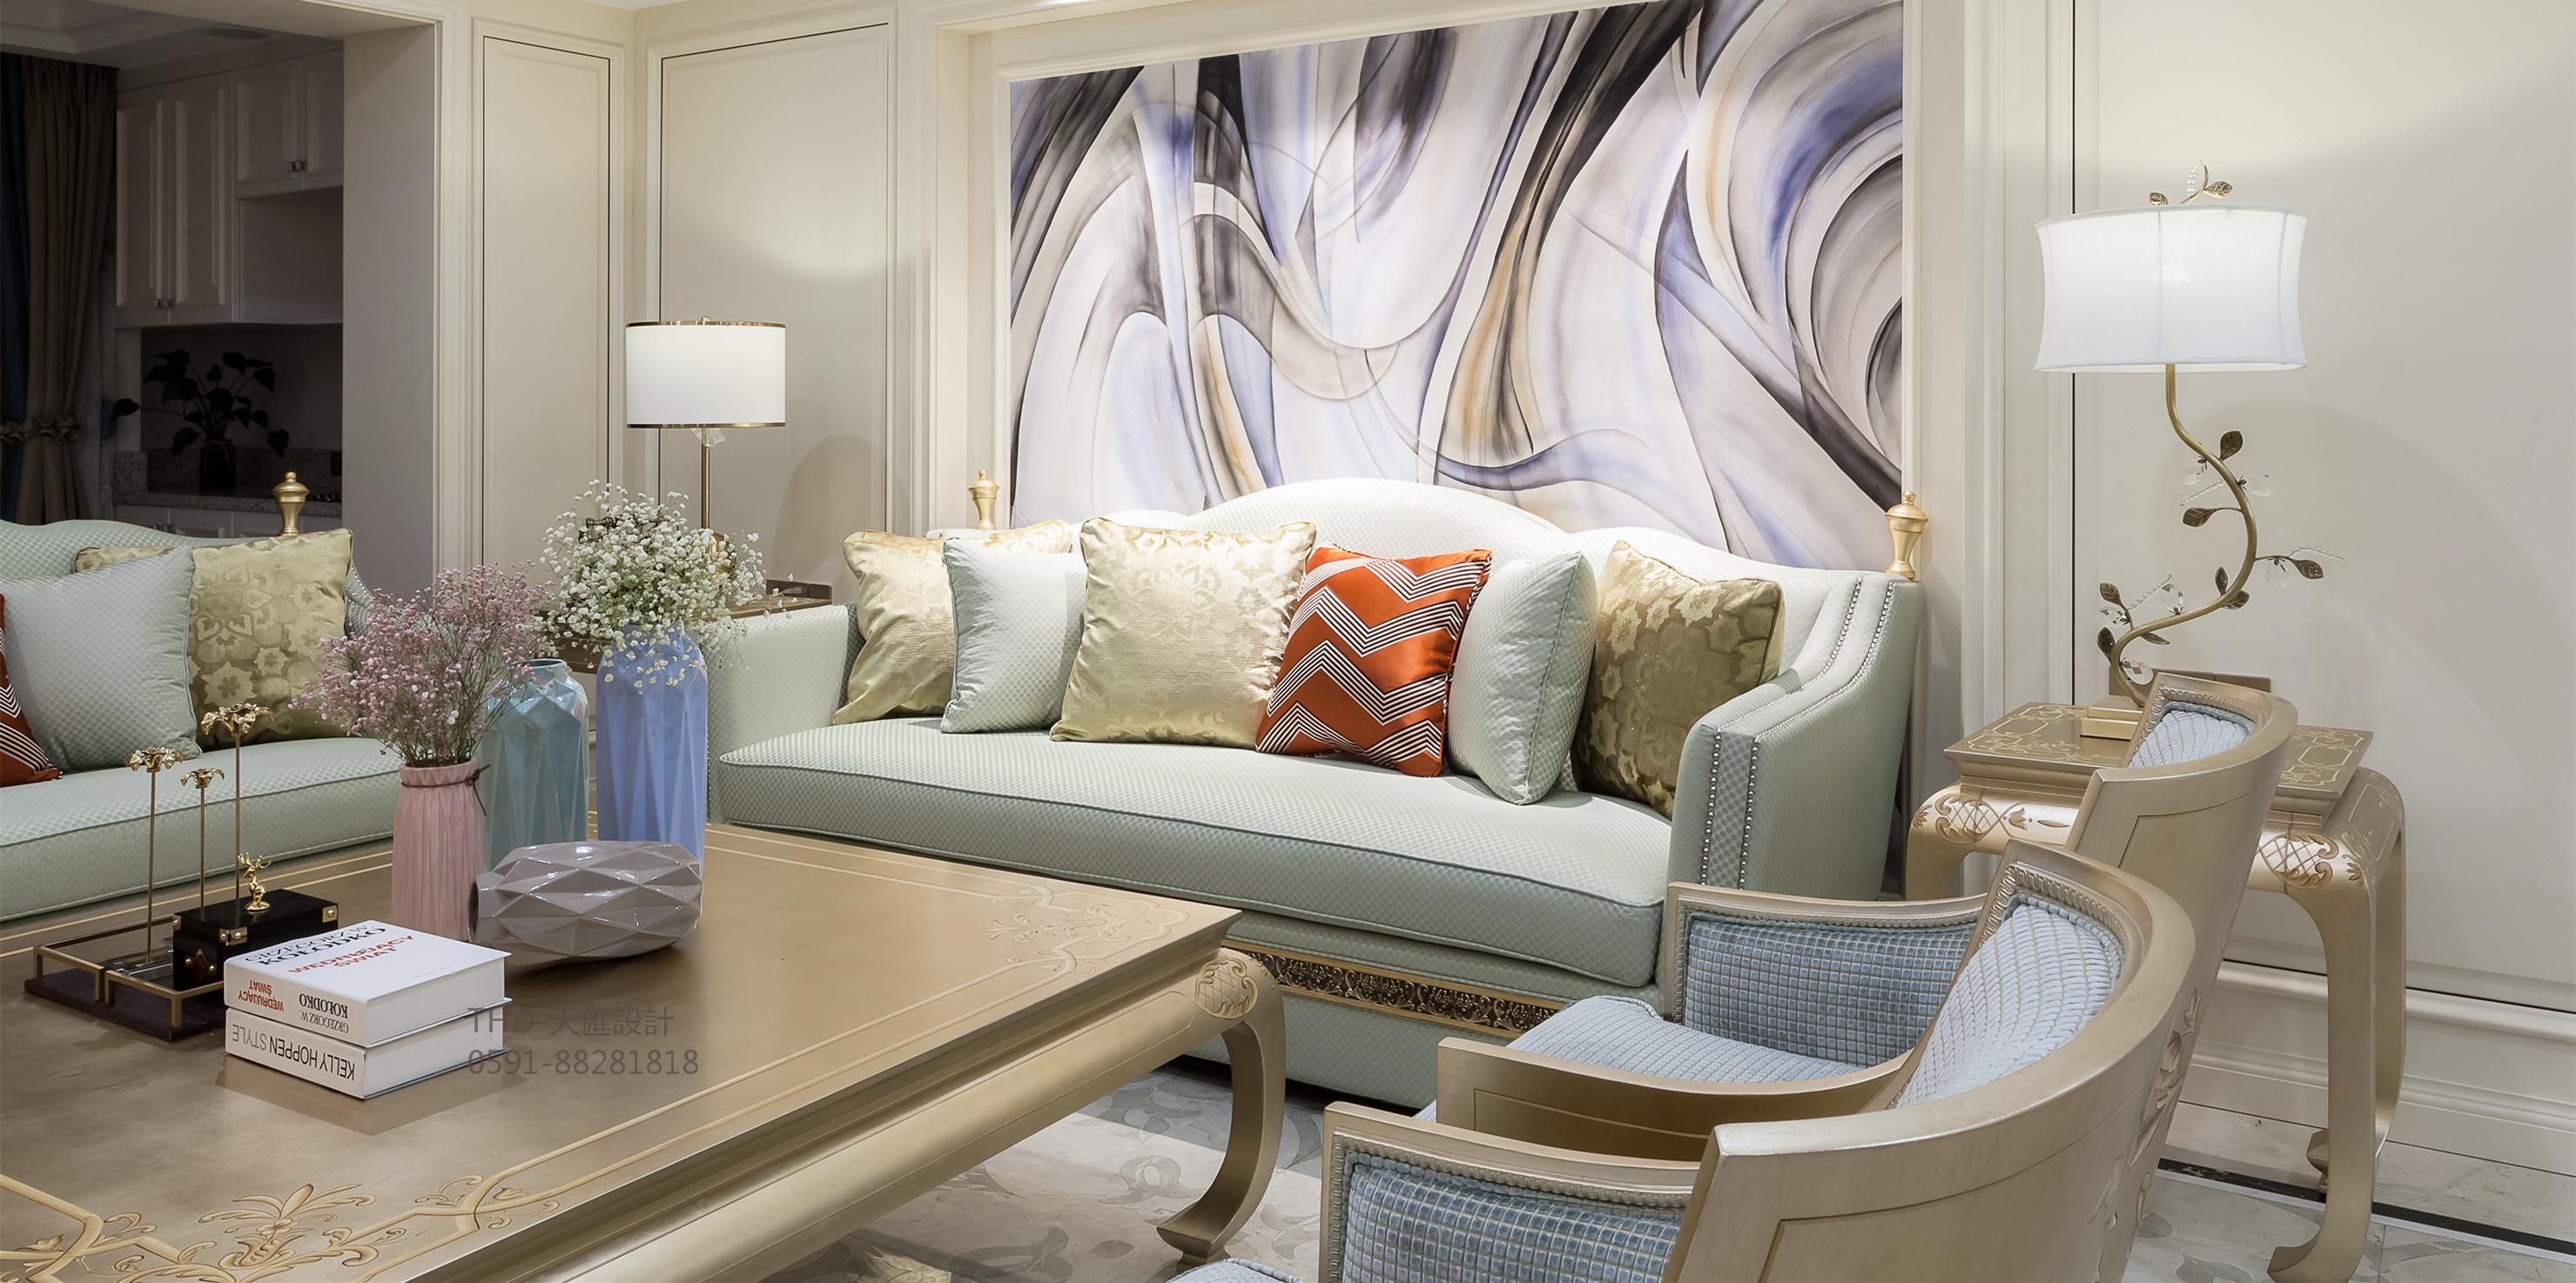 美式、法式 现代美式 简约美式 天汇设计 游小华 客厅图片来自游小华在法式轻奢《White Rose》的分享